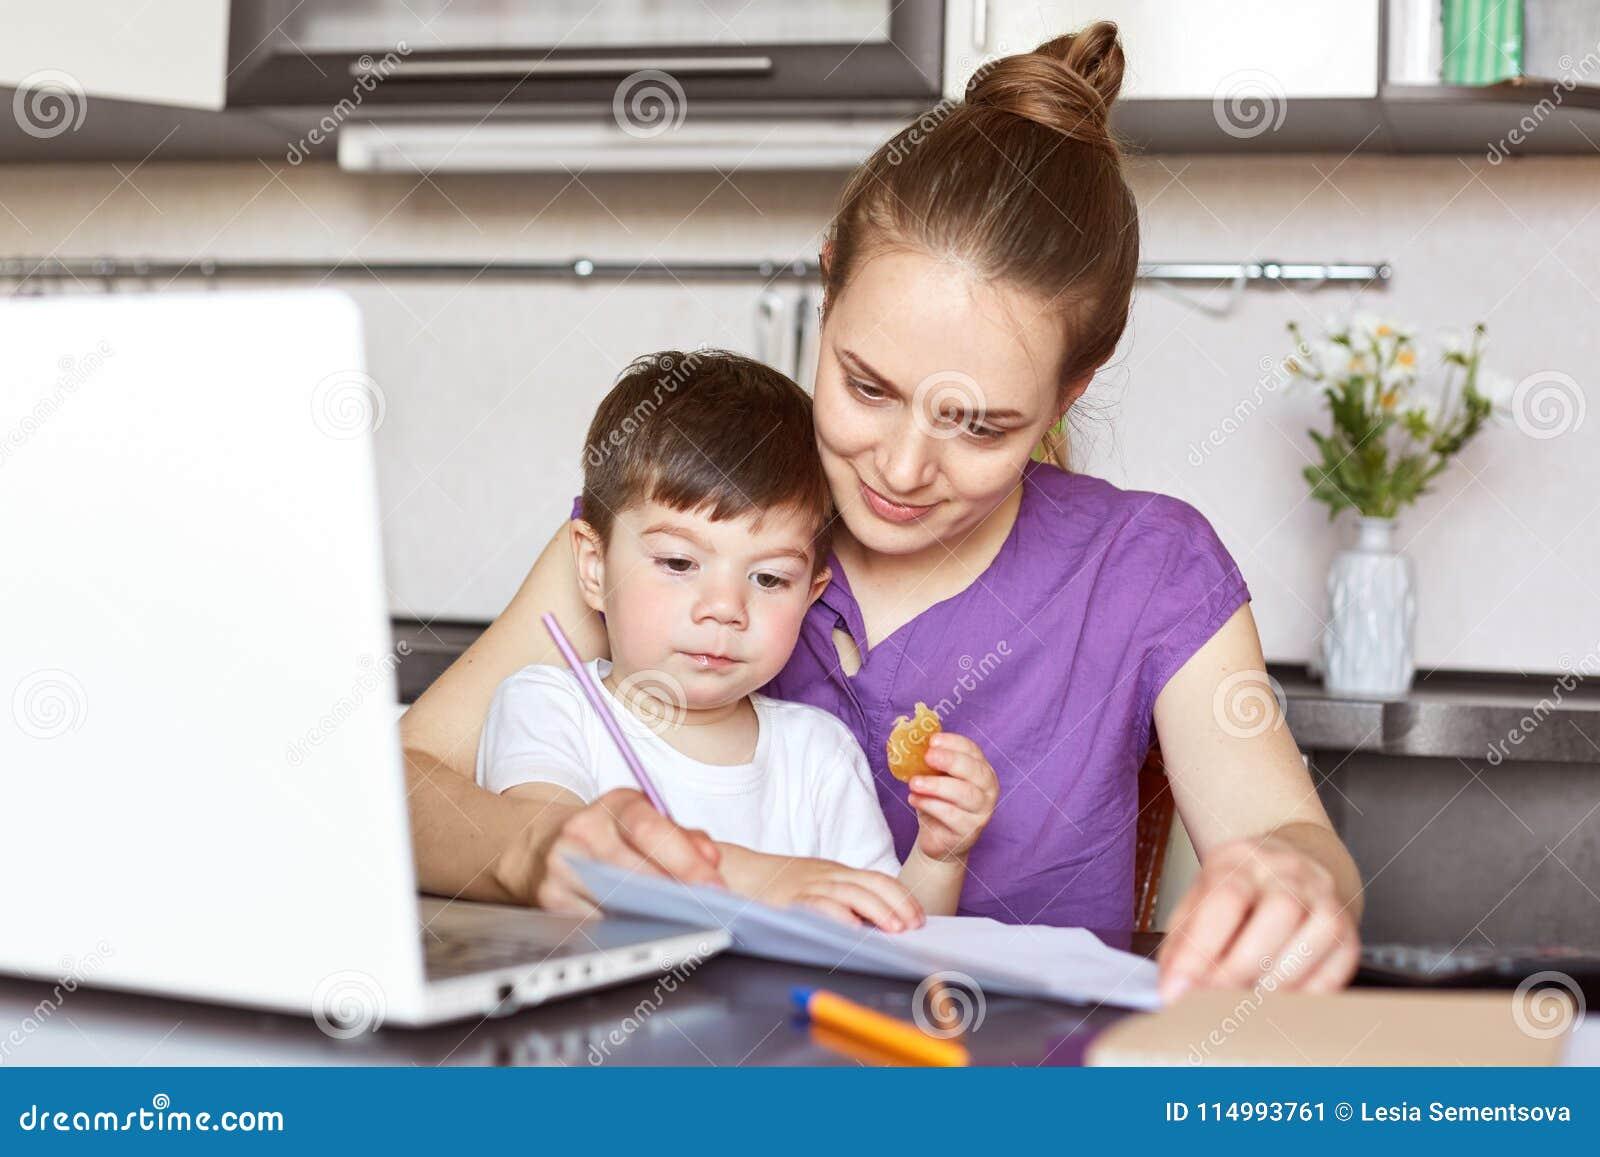 La madre di funzionamento occupato si siede davanti al computer portatile aperto, prova a conecntrate su lavoro, si siede contro